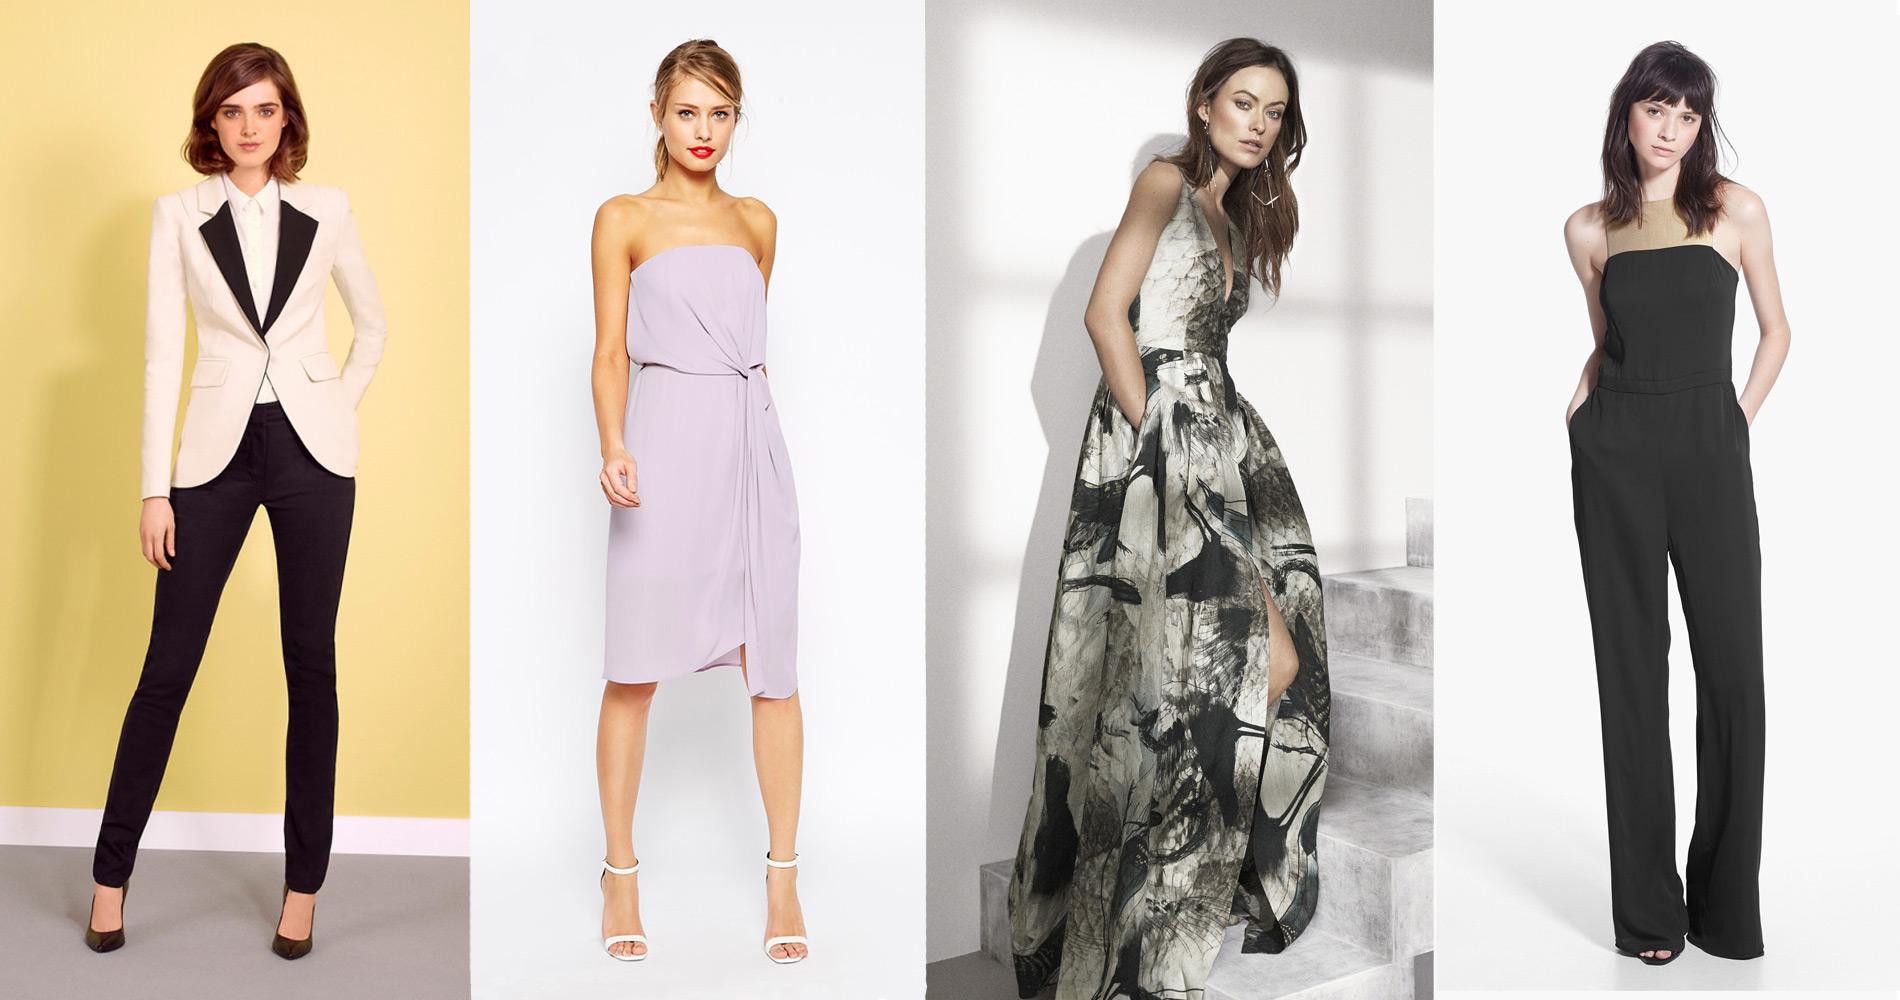 Mariage : nos idées de tenues pour briller